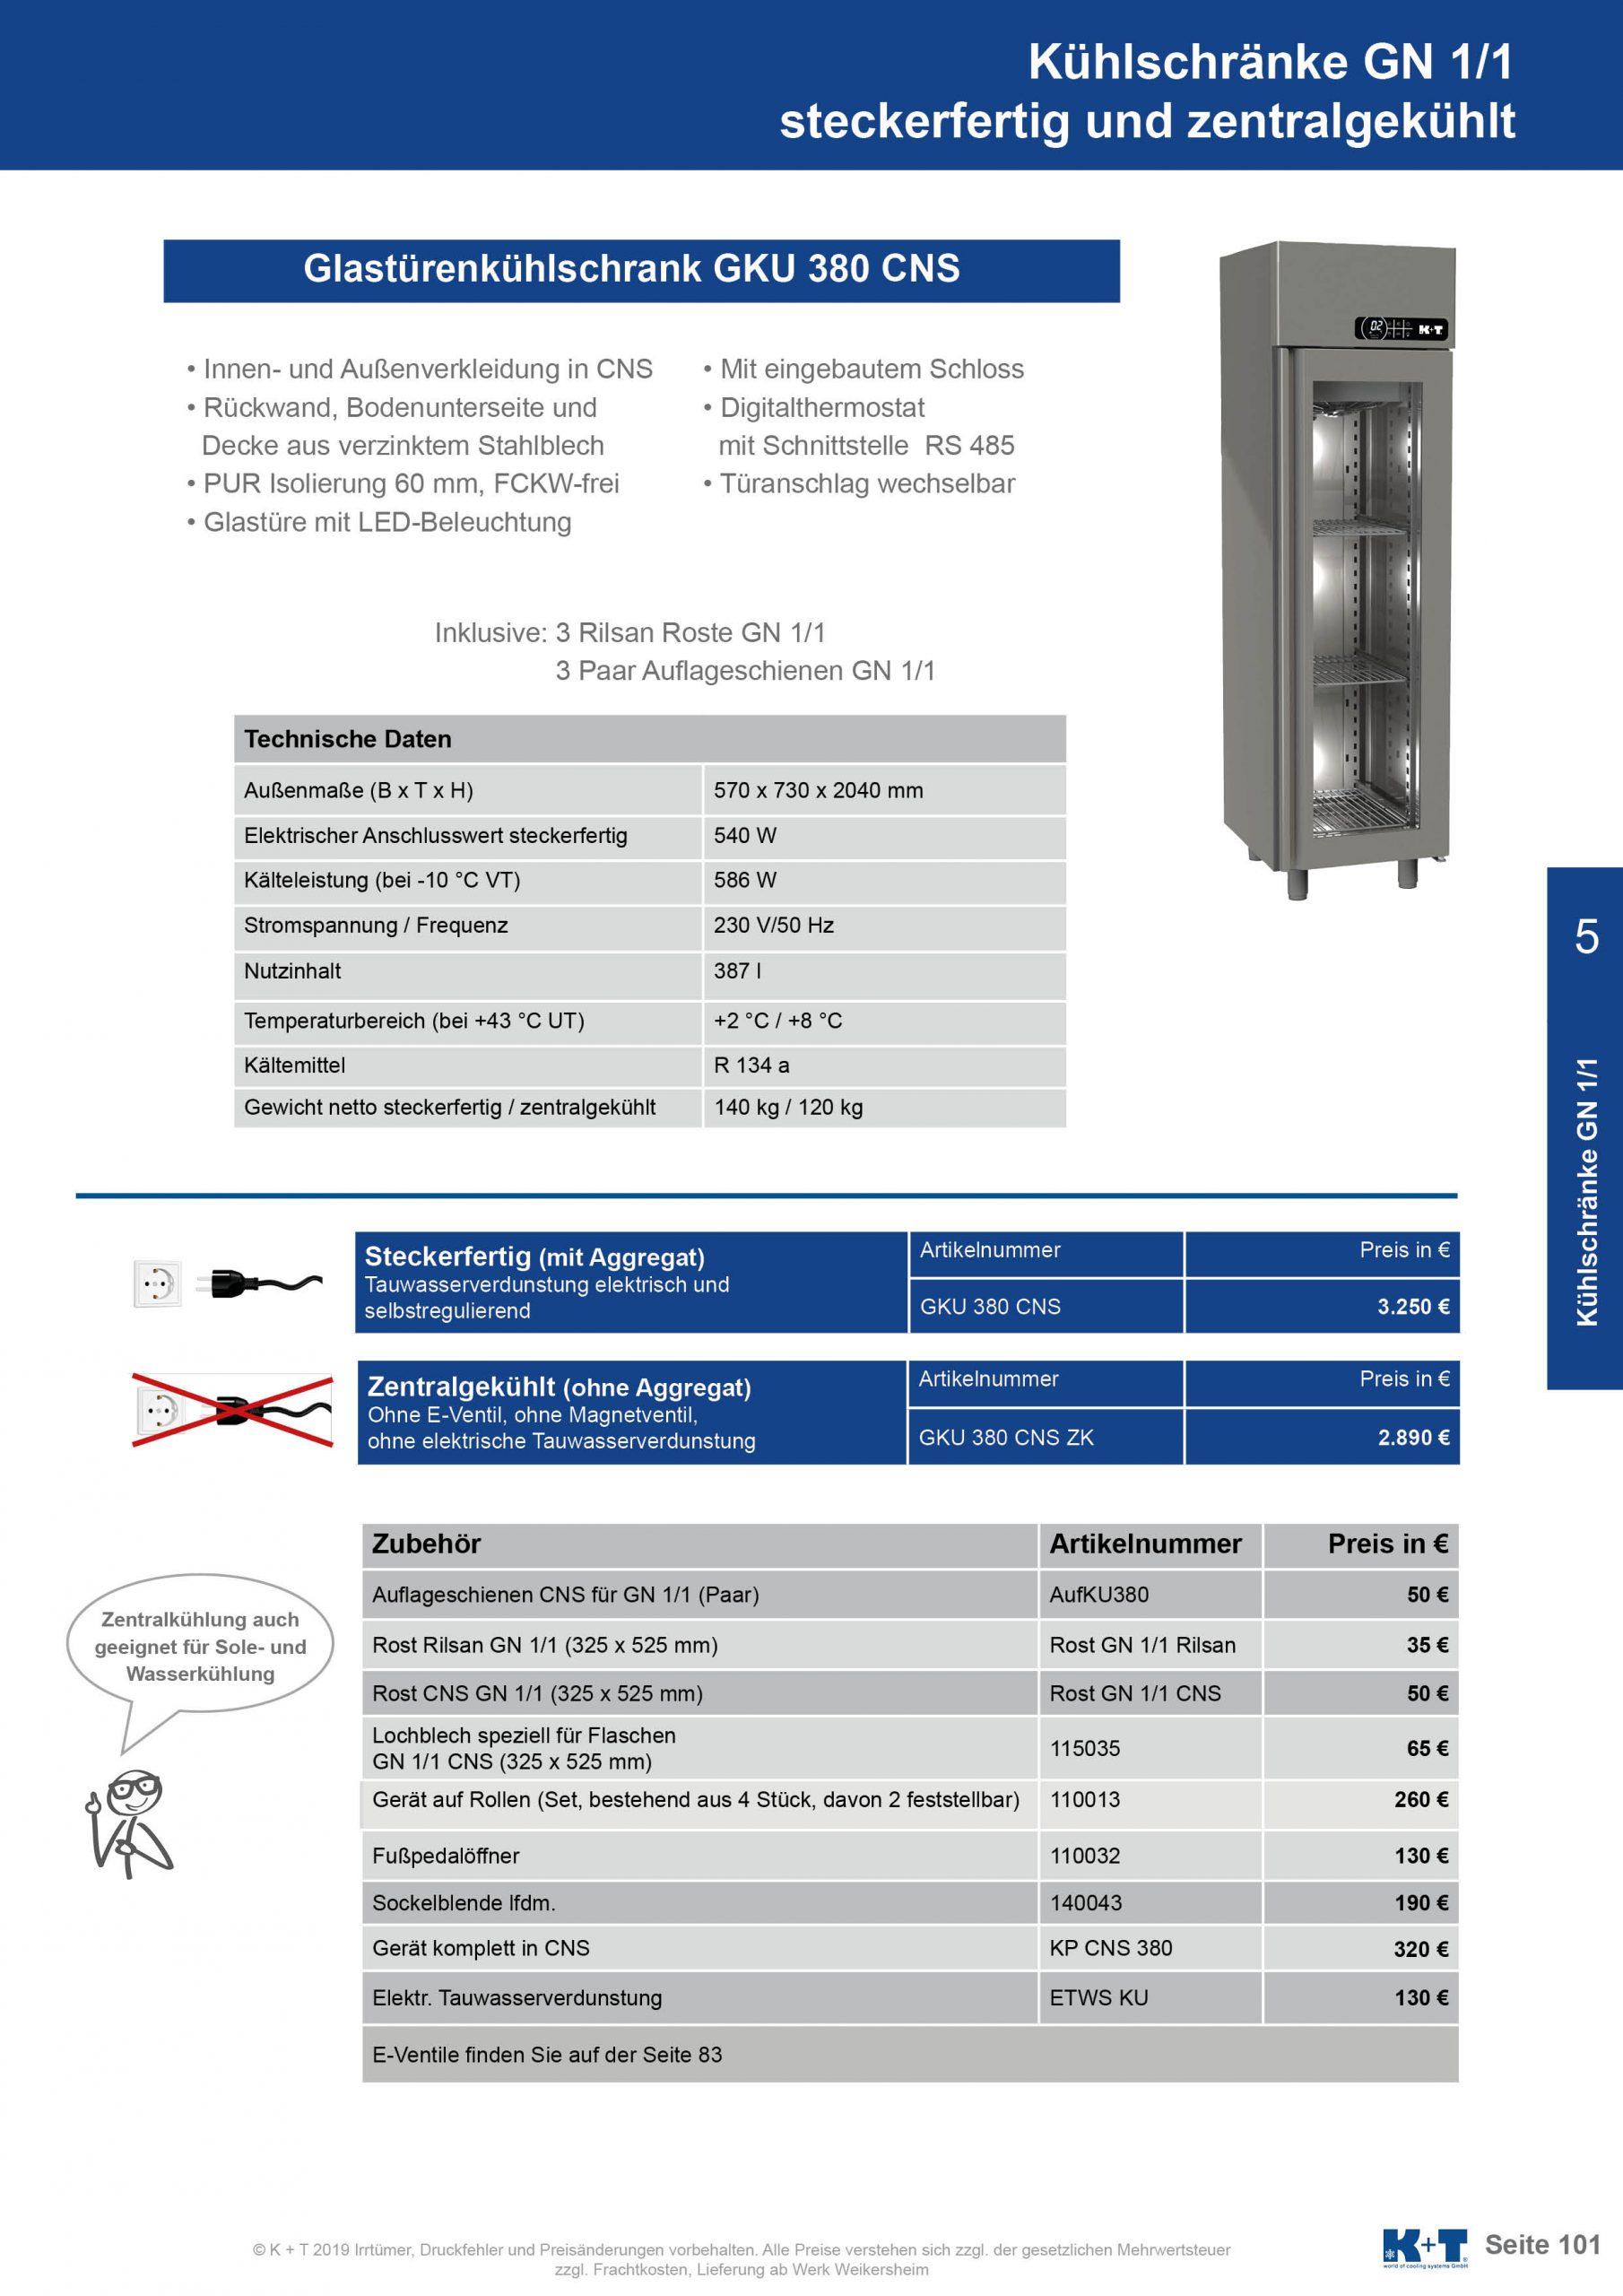 Kühlschränke GN 1_1 Glastürenkühlschrank steckerfertig